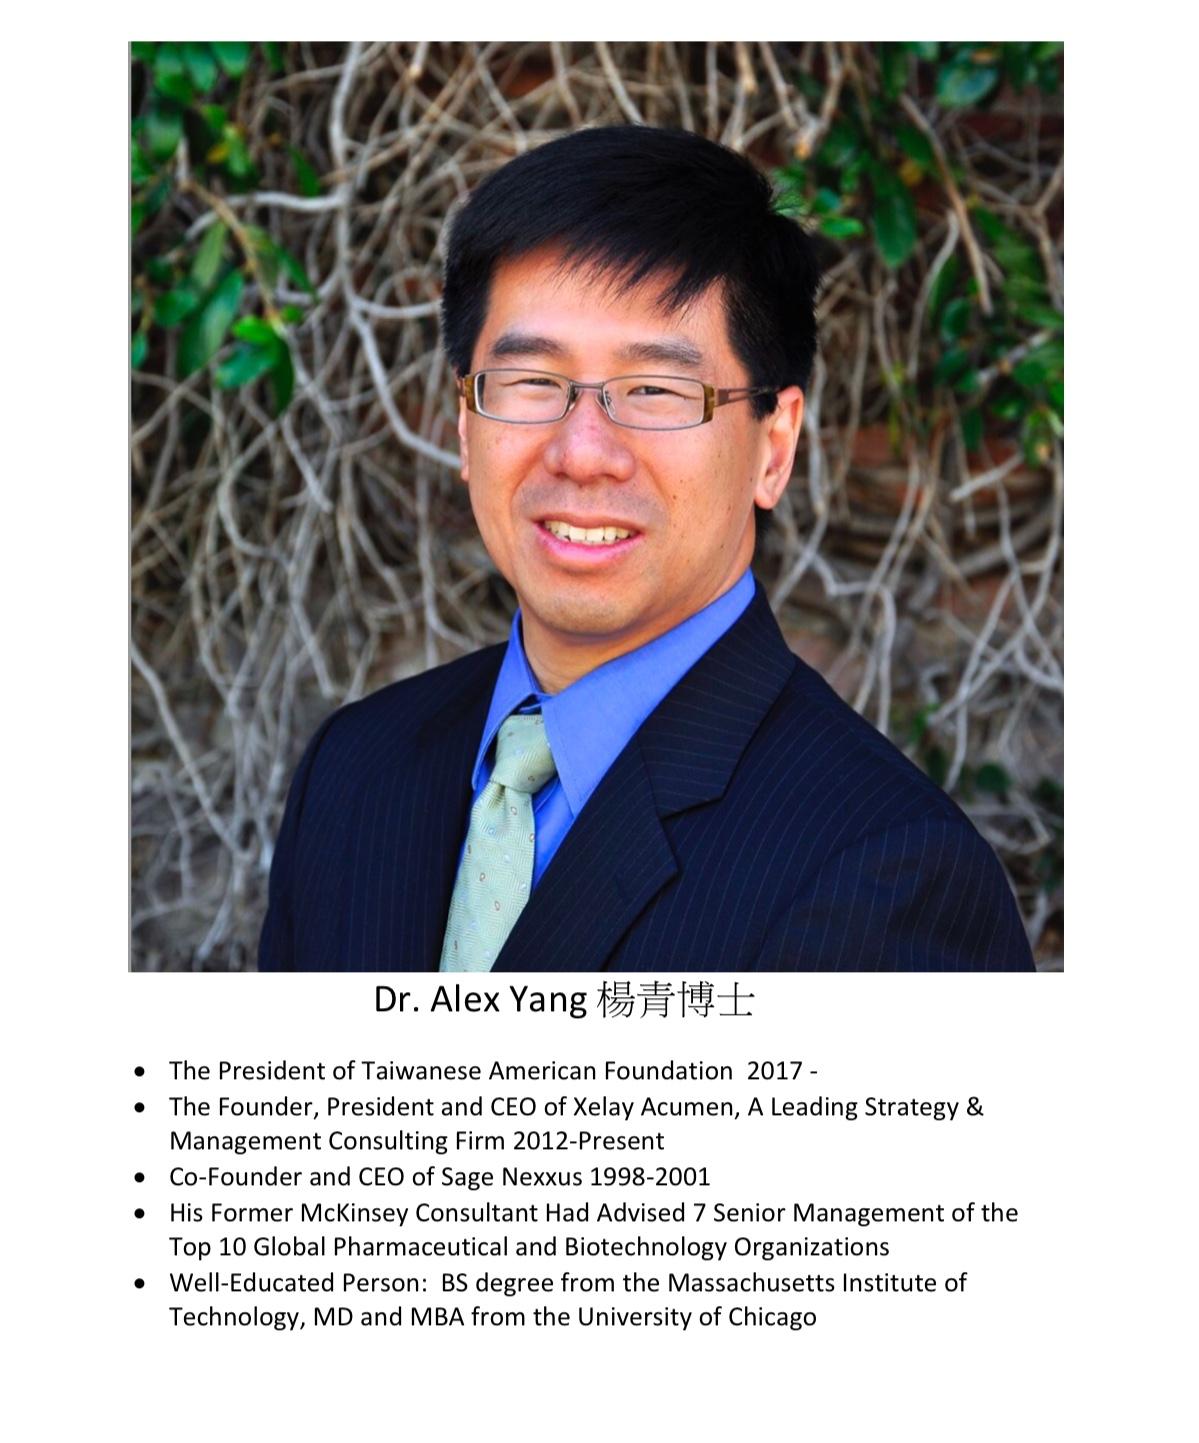 270. Dr. Alex Yang 楊青博士